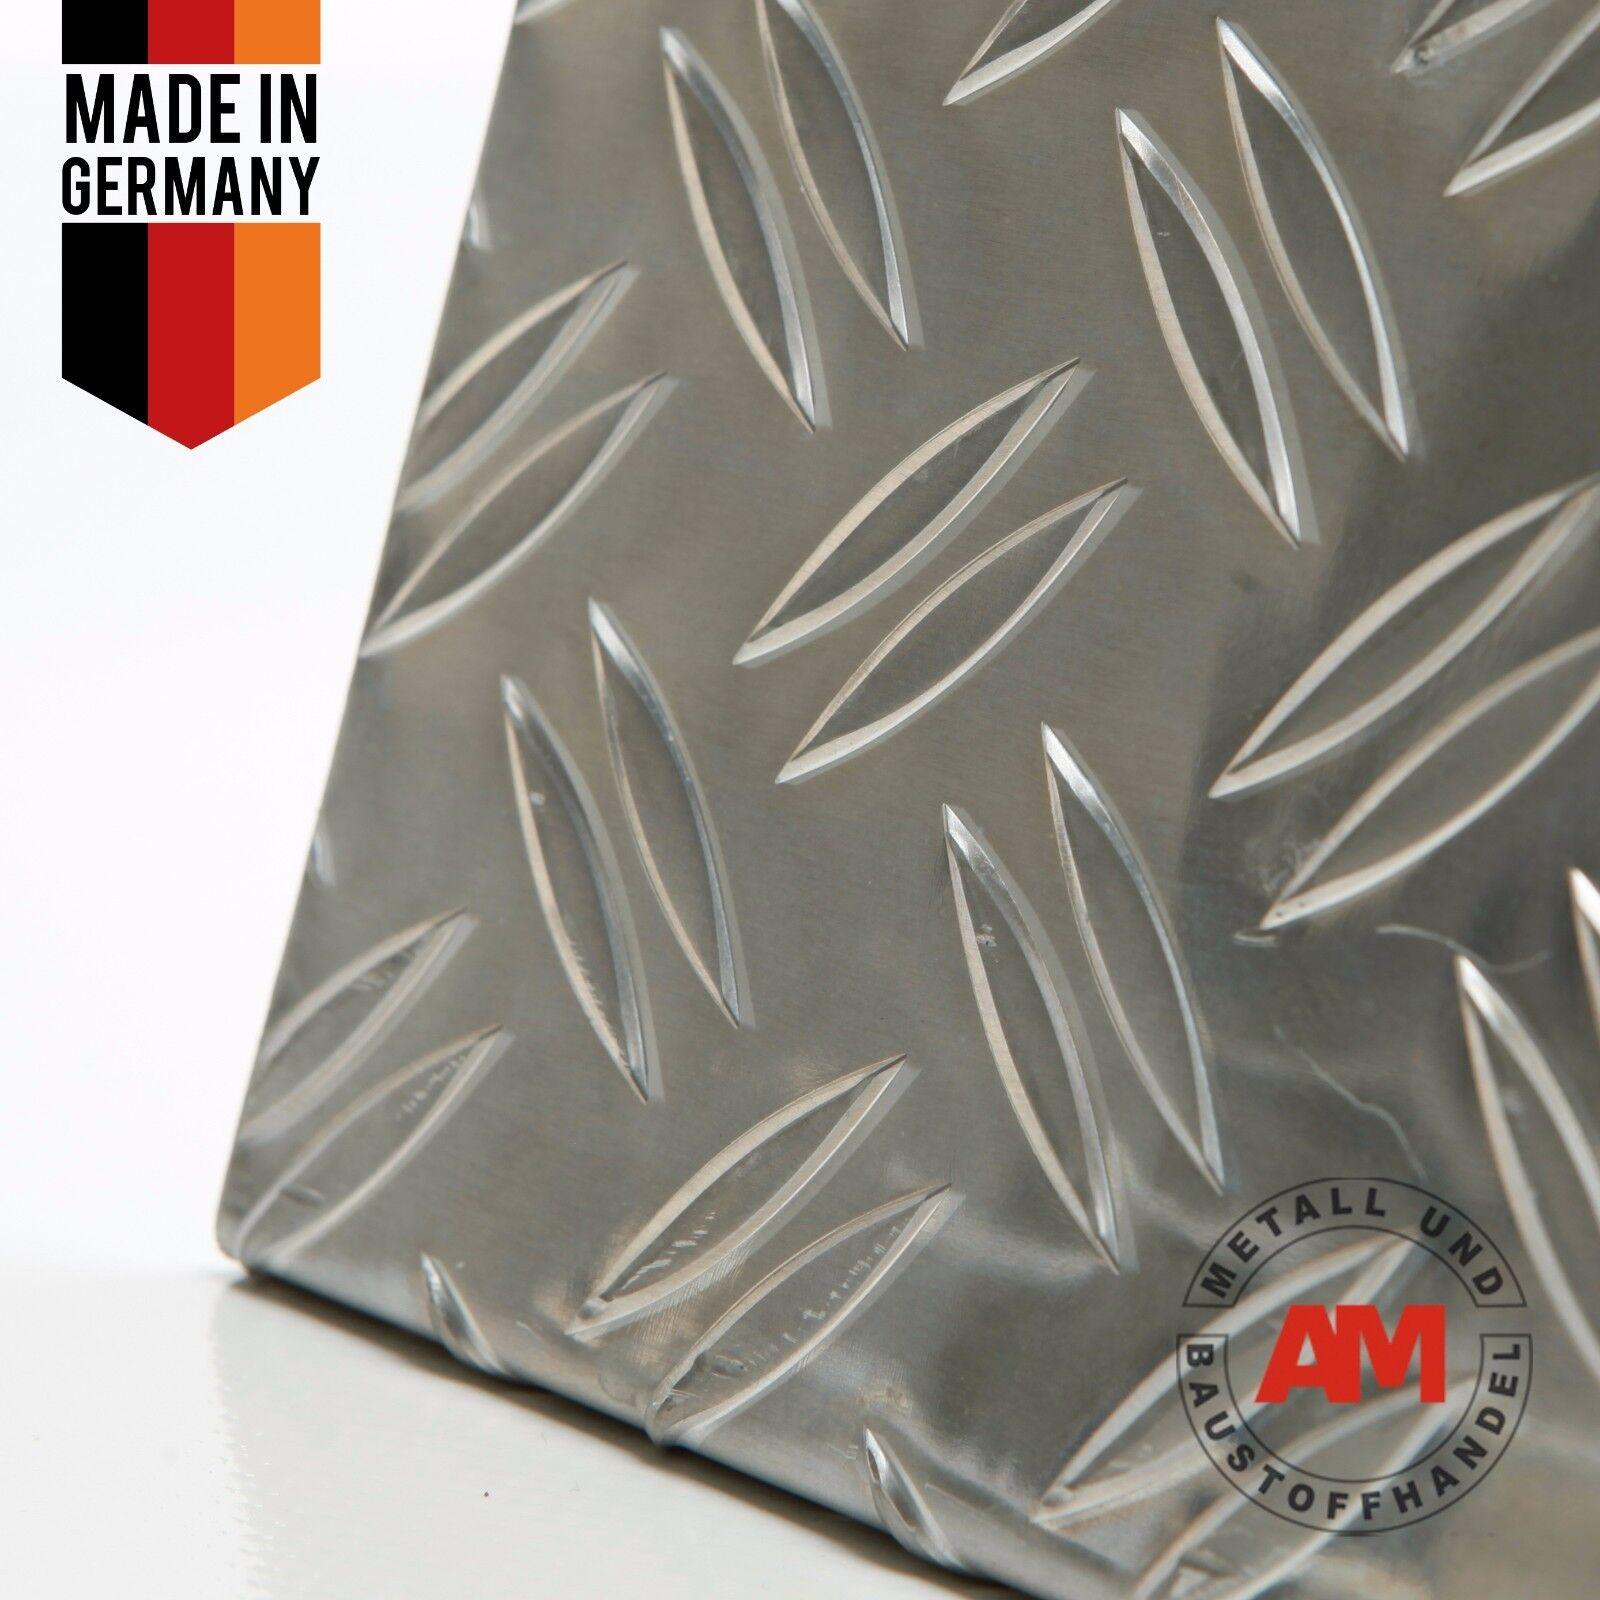 Alu Riffelblech 1,5 2mm Duett 1000x1000mm Aluminium Blech Warzenblech Zuschnitt